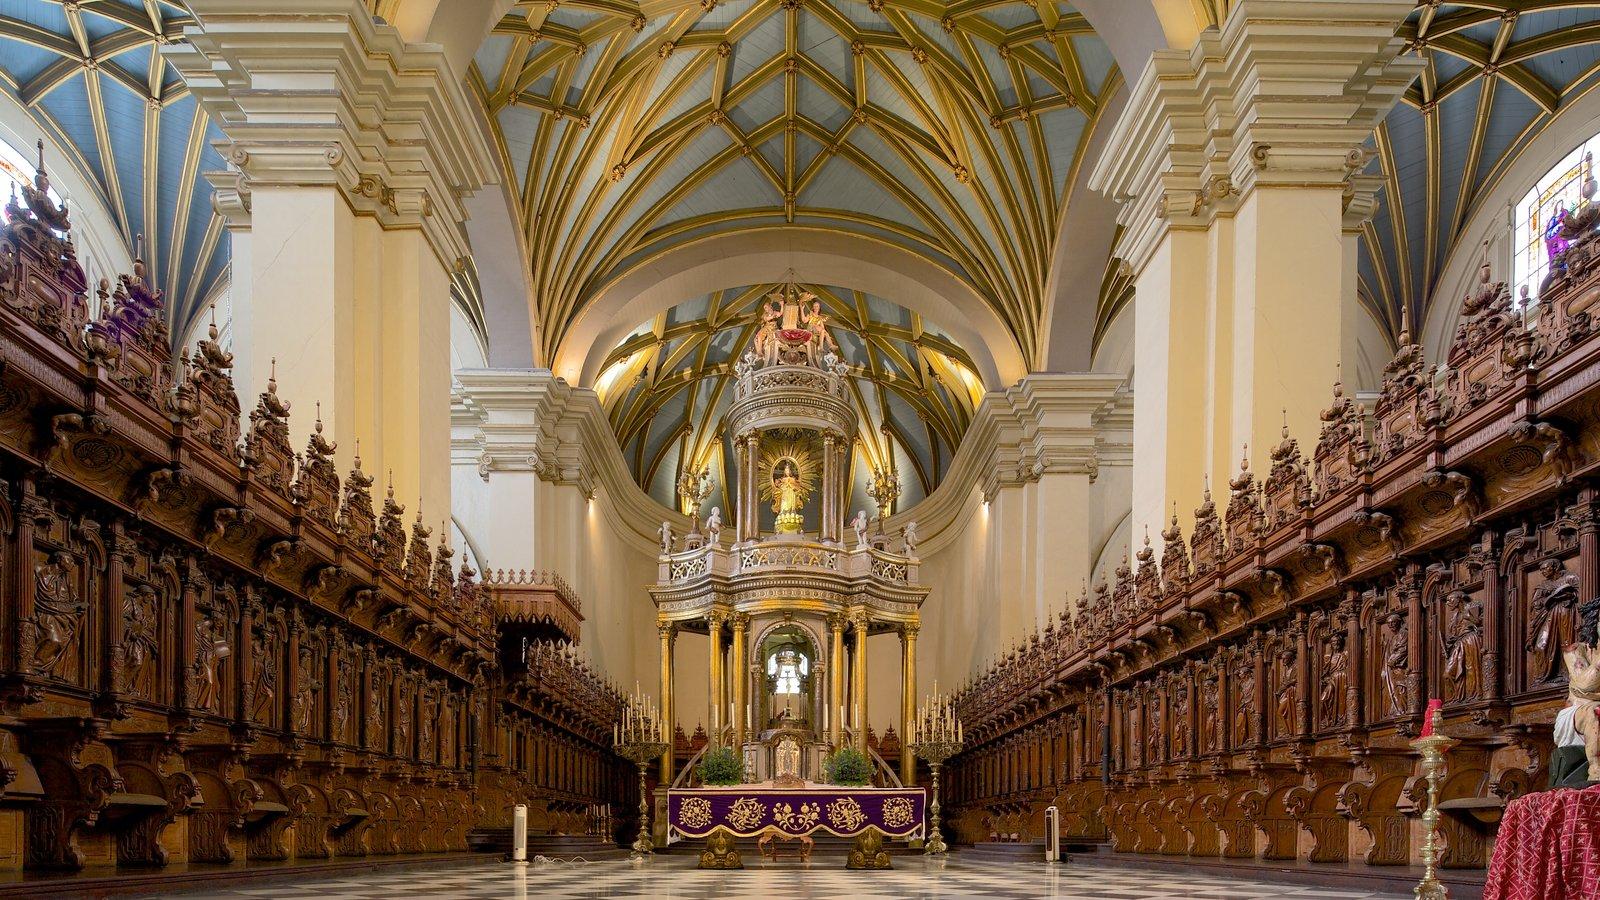 Plaza Mayor mostrando vistas internas, uma igreja ou catedral e aspectos religiosos